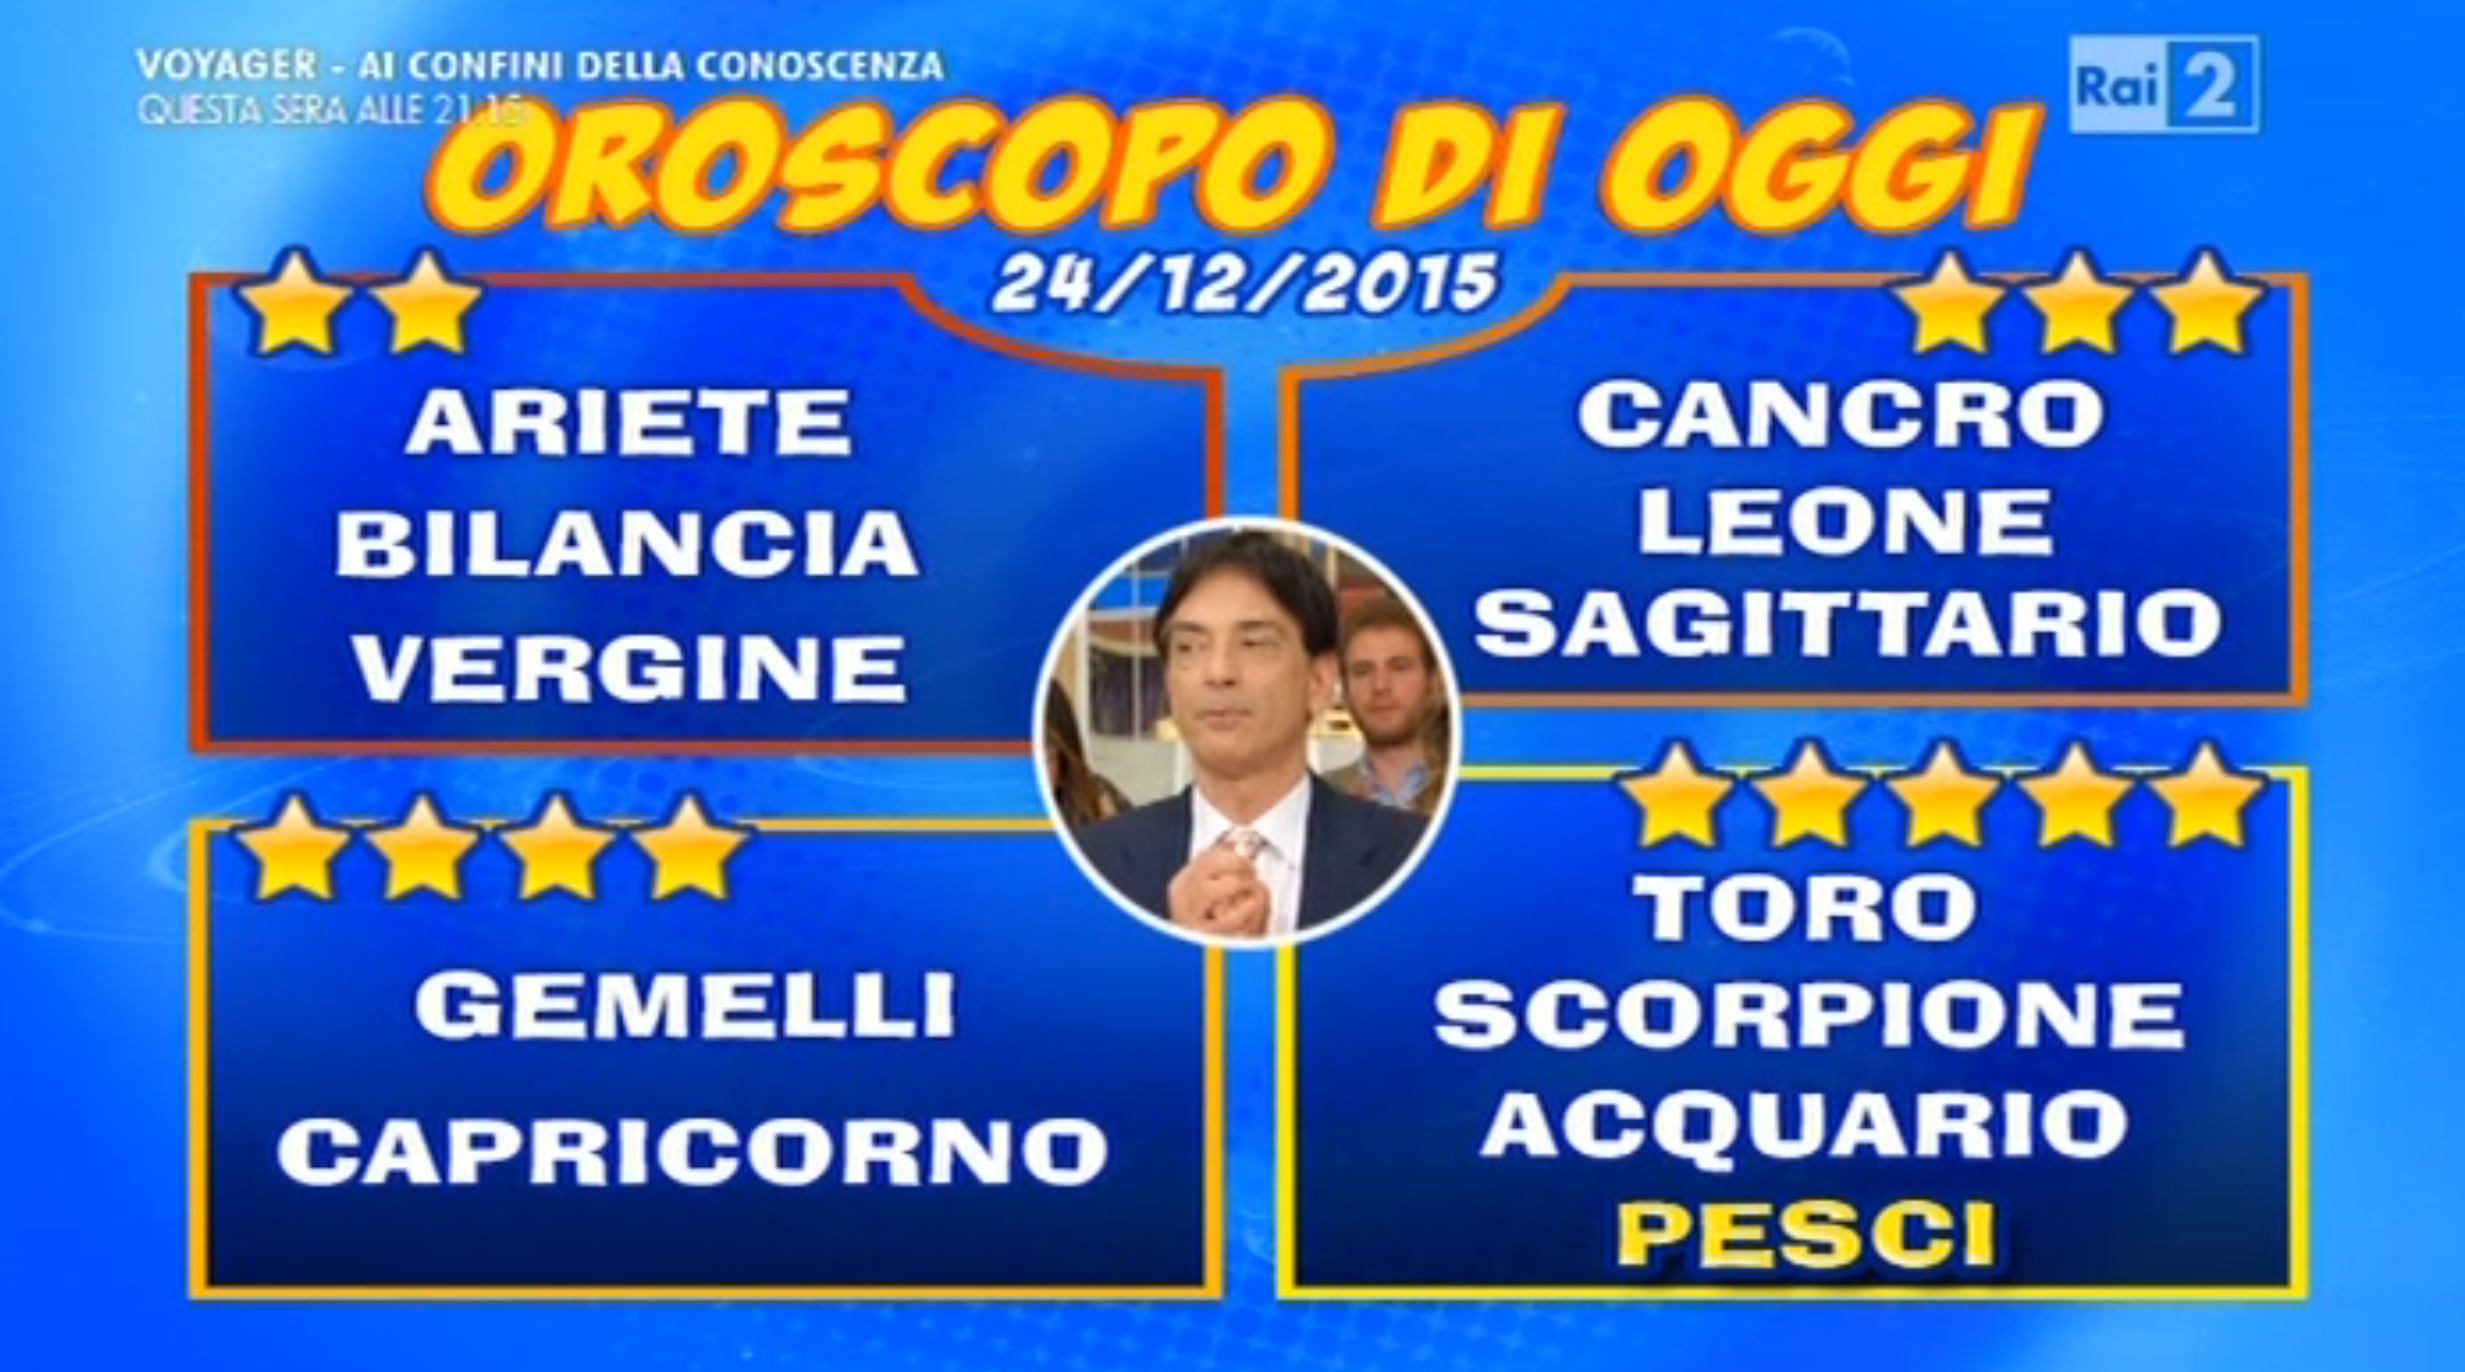 Oroscopo 24 dicembre 2015